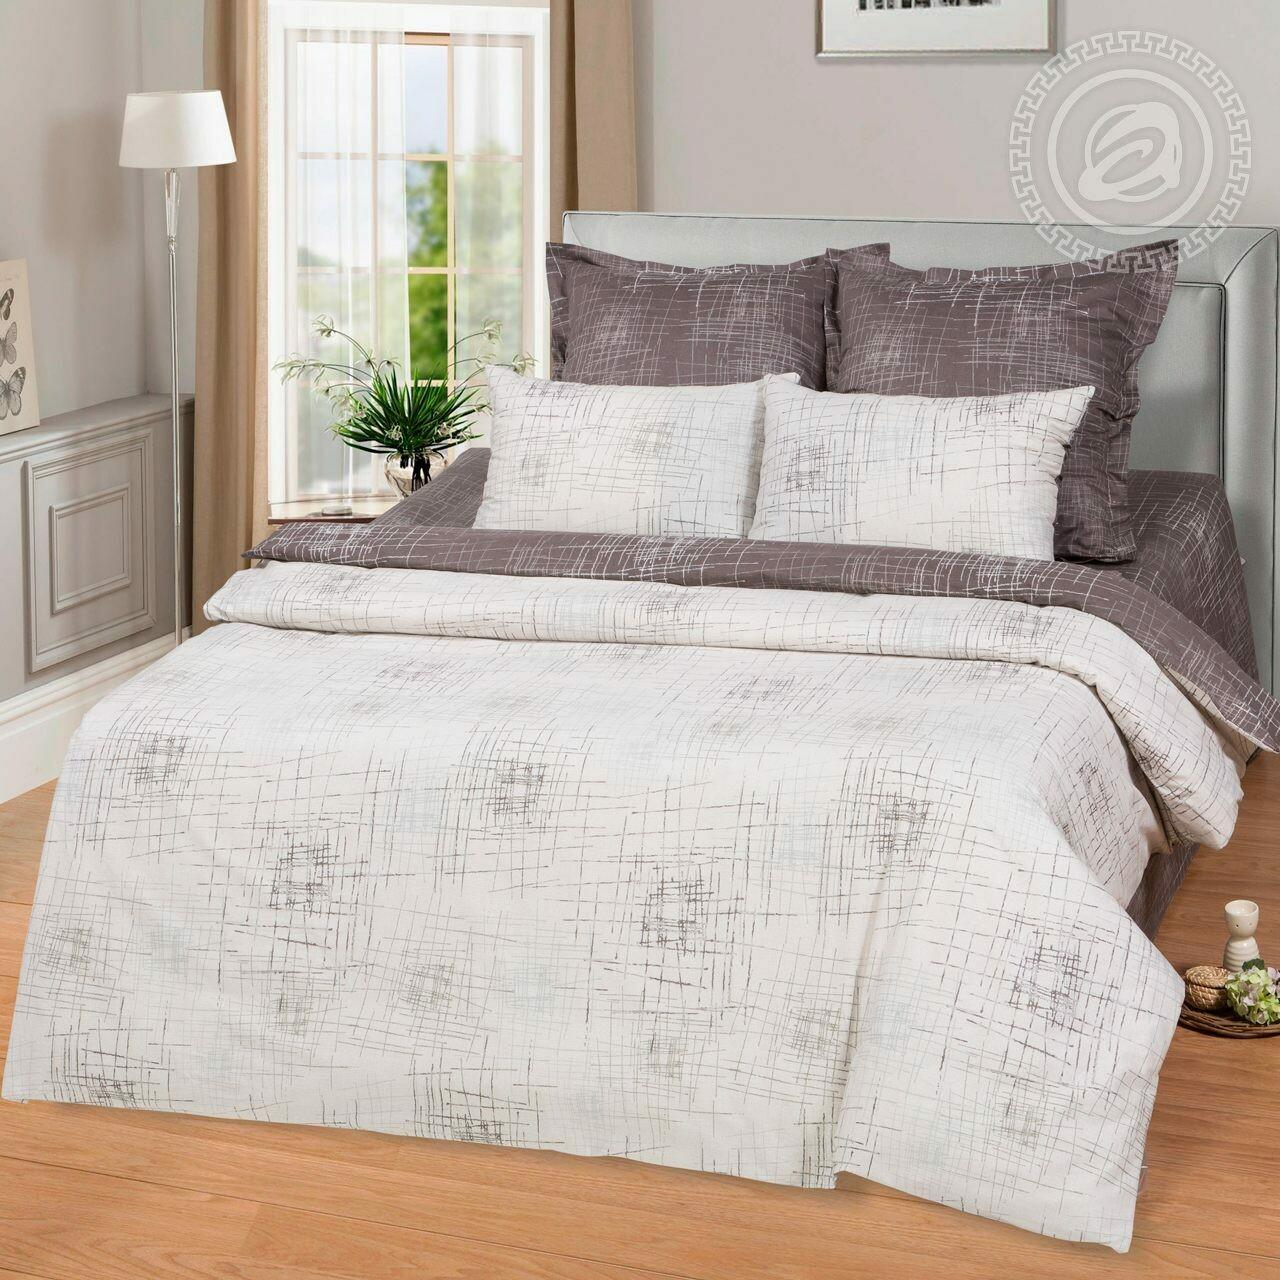 Джозеф - Premium  (Комплекты постельного белья)